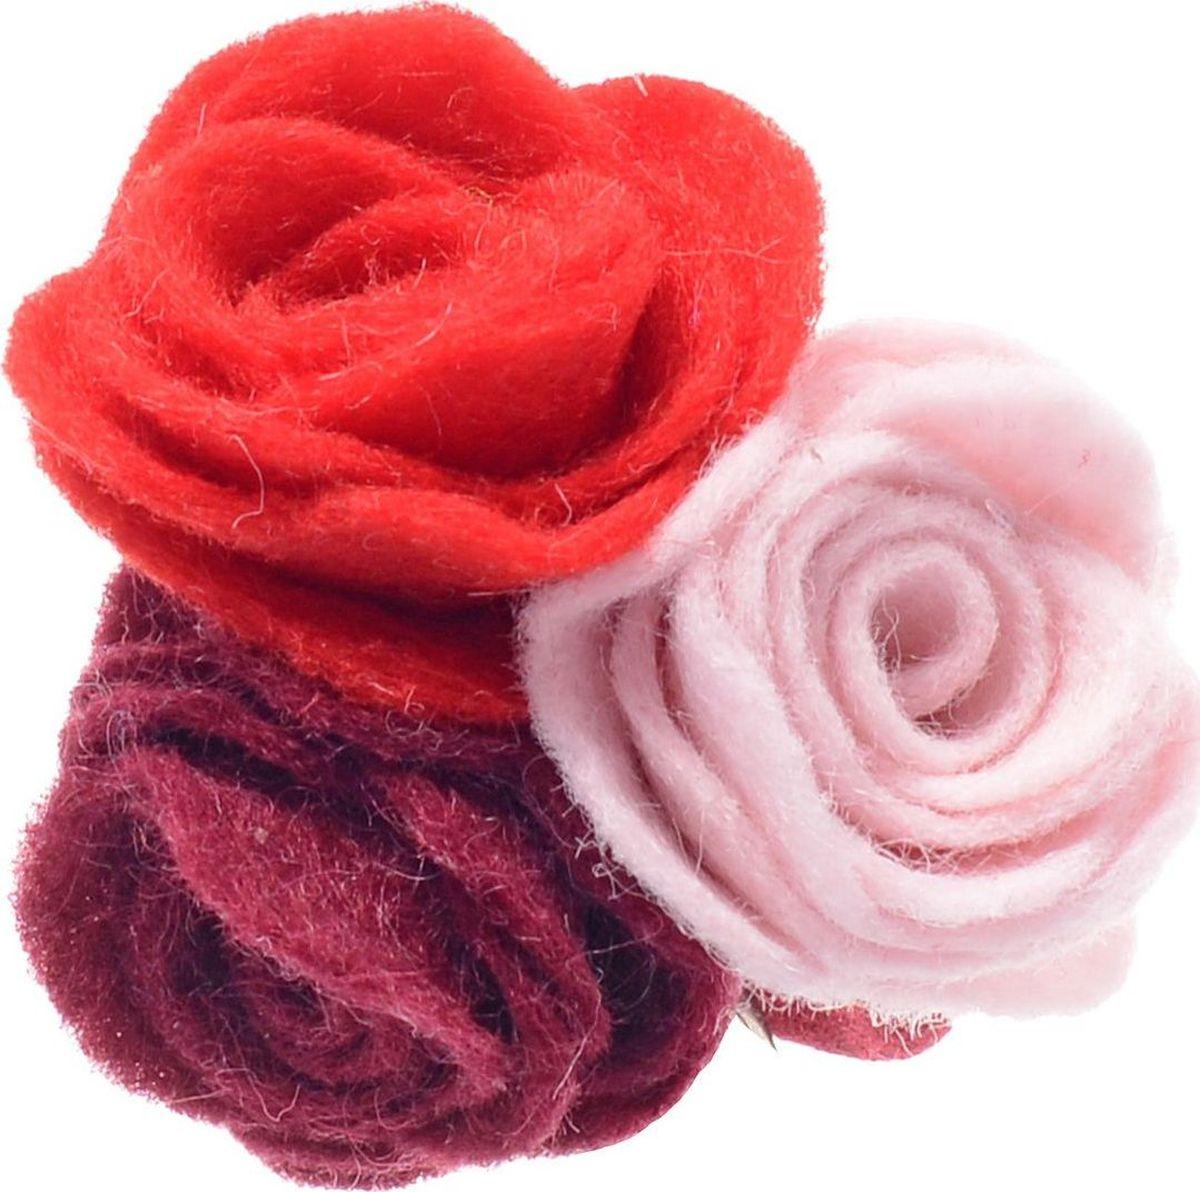 Резинка для волос Malina By Андерсен Мелтон, цвет: красный. 31707рб5331707рб53Резинка для волос поможет подчеркнуть вашу индивидуальность и стиль. С помощью резинки вы сможете уложить волосы в элегантную прическу.